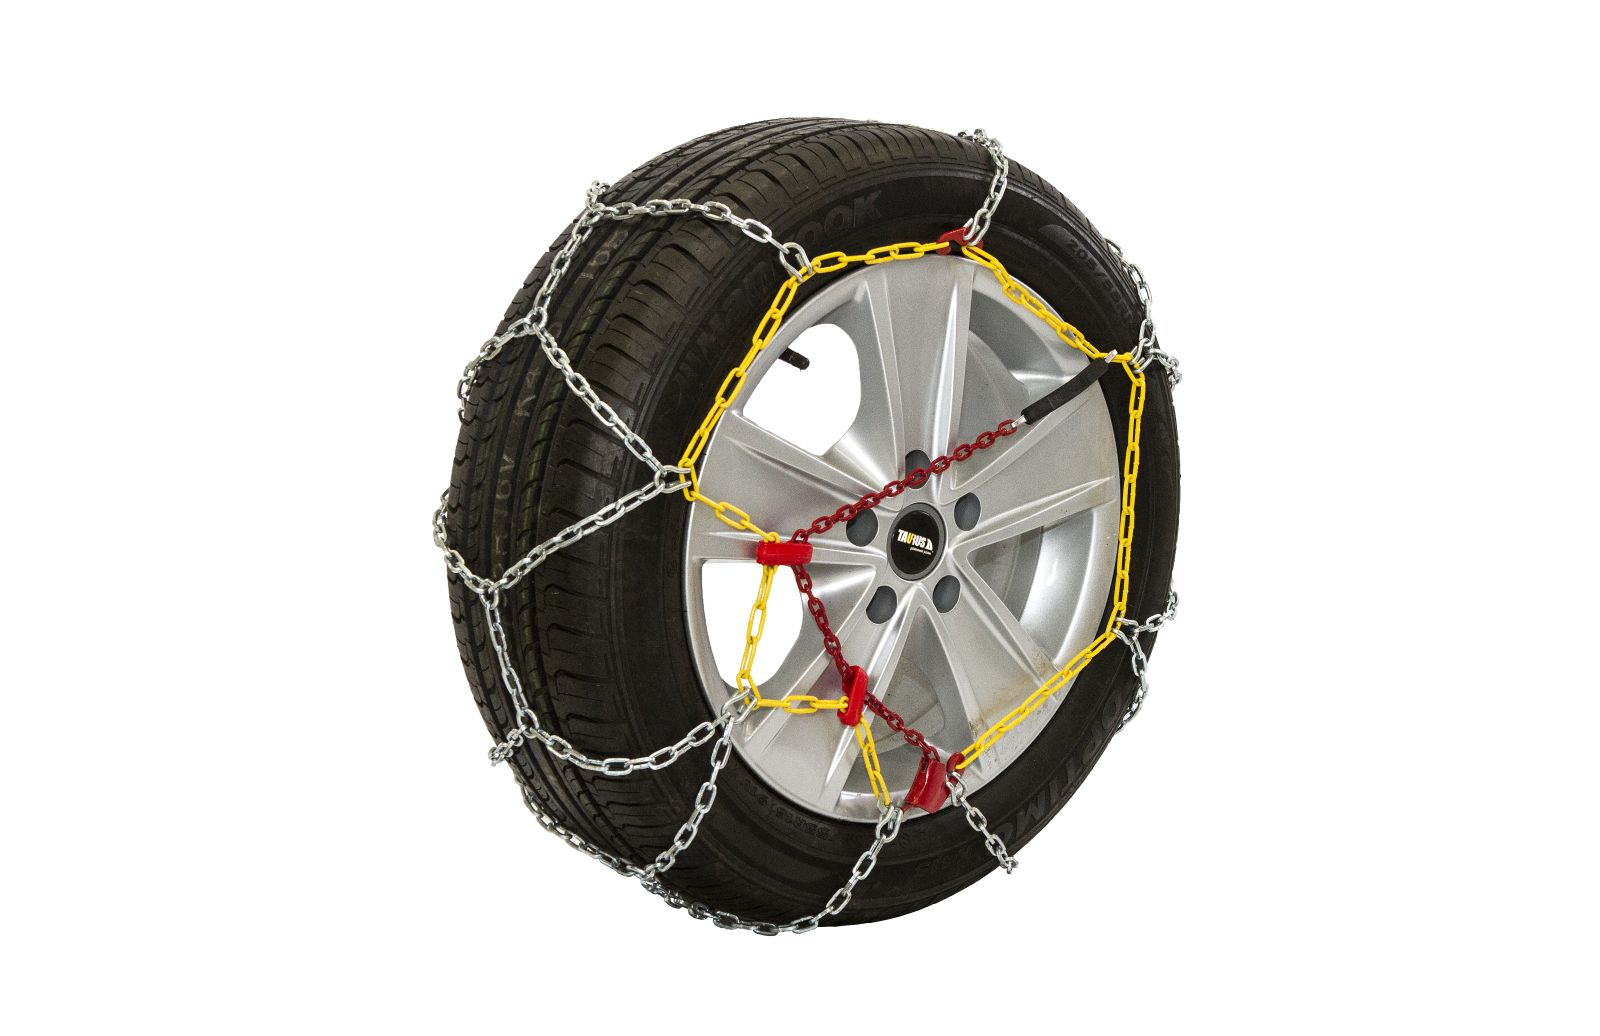 Комплект цепей противоскольжения Taurus Diament (12 мм) 50 ( звено ДСЗ 3,55мм ) с защитой литых дисков, Цепи на колёса Taurus Diament TDIA1250